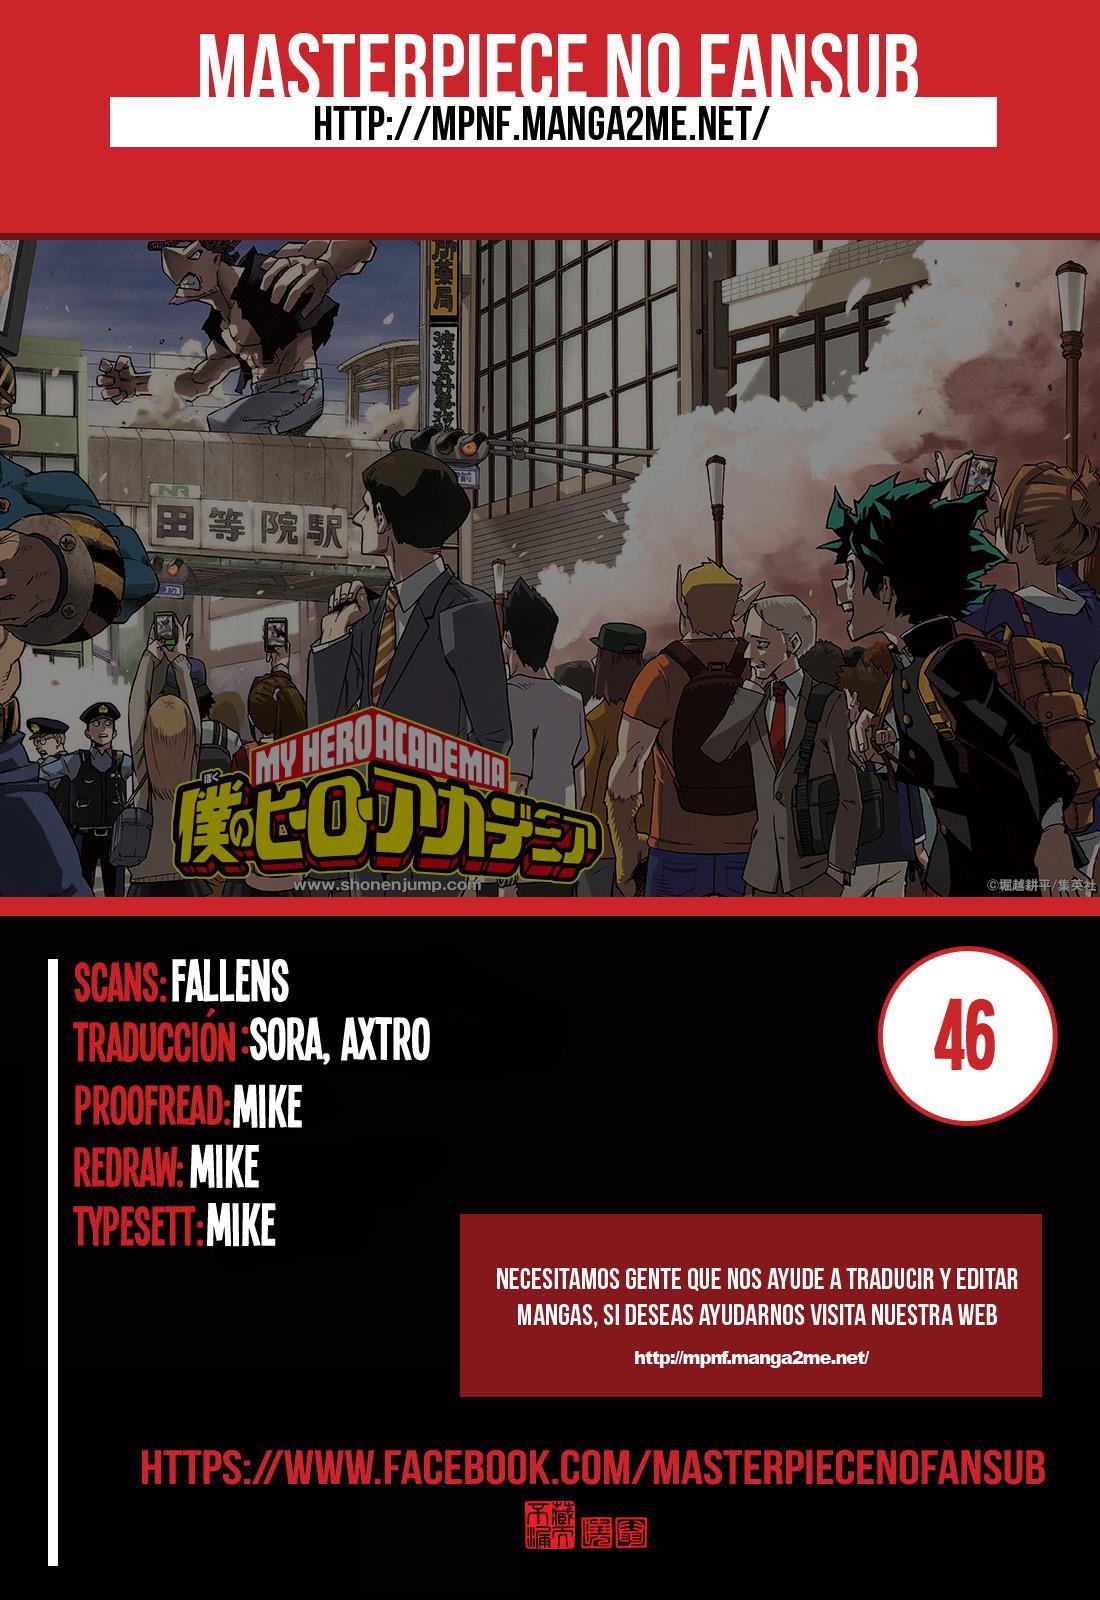 http://c5.ninemanga.com/es_manga/54/182/381175/2b65214e96f46fdbda9864079de008fc.jpg Page 1